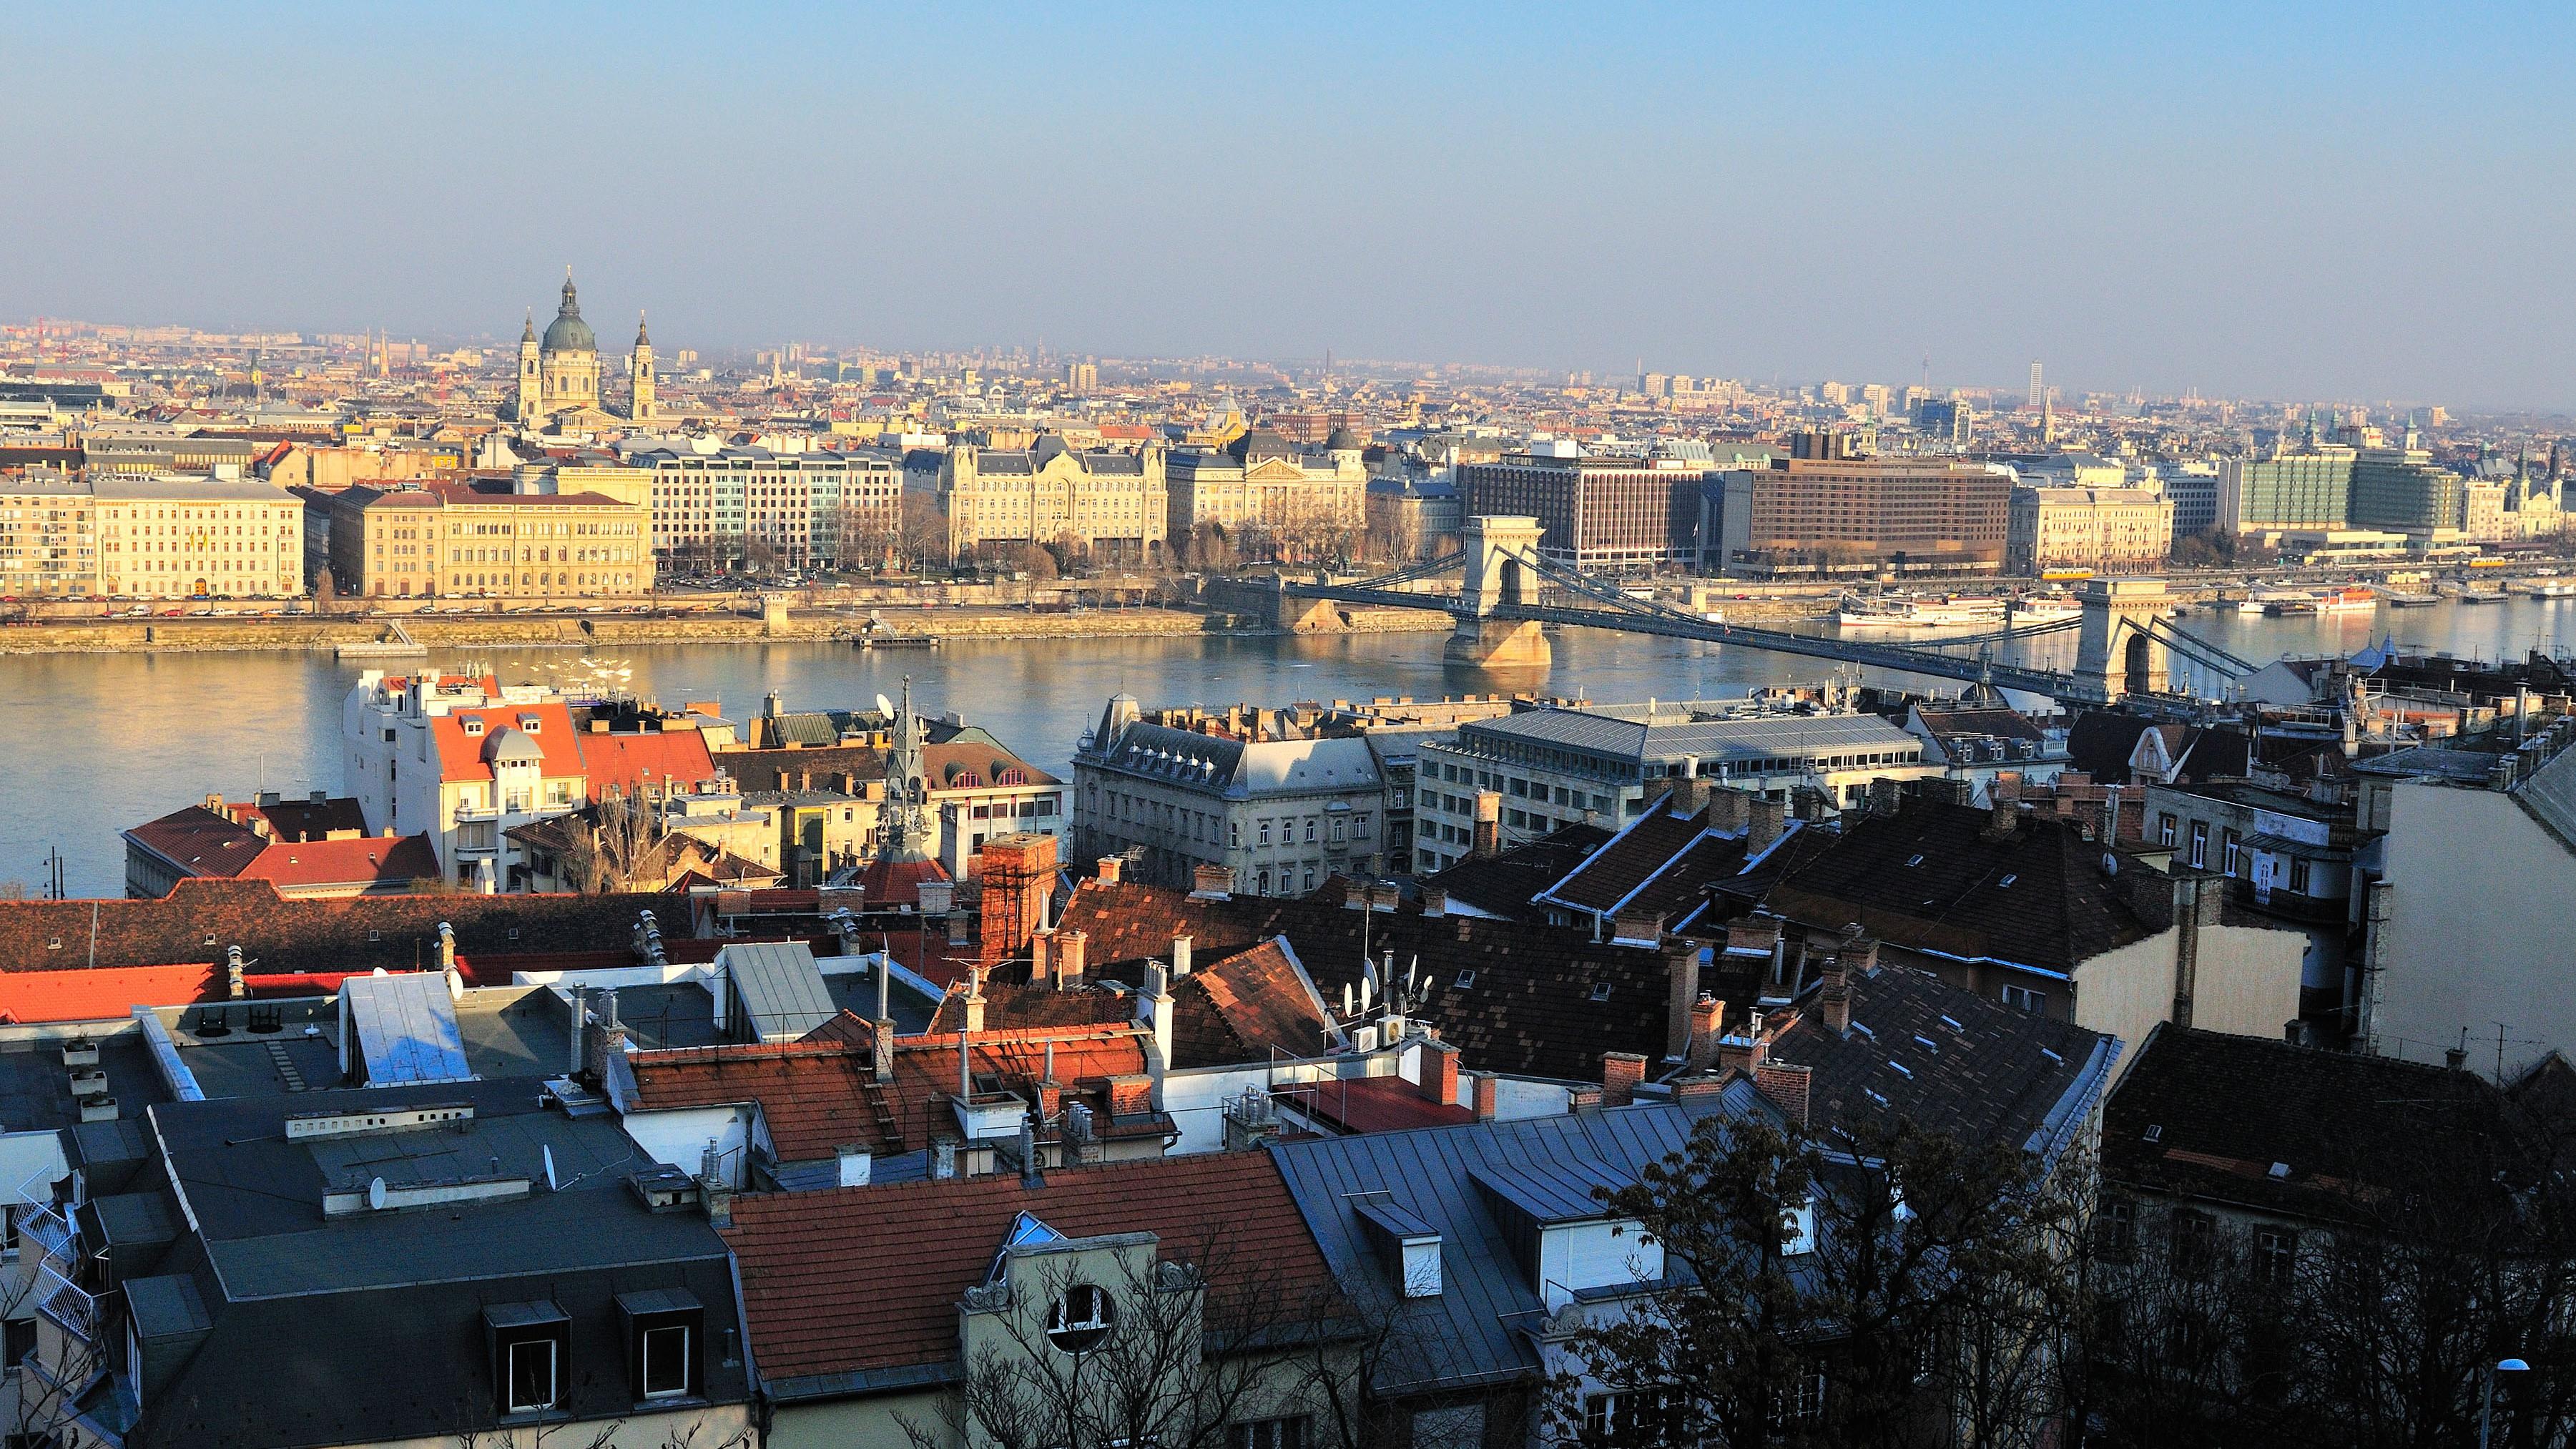 Budapest straddles the Danube River